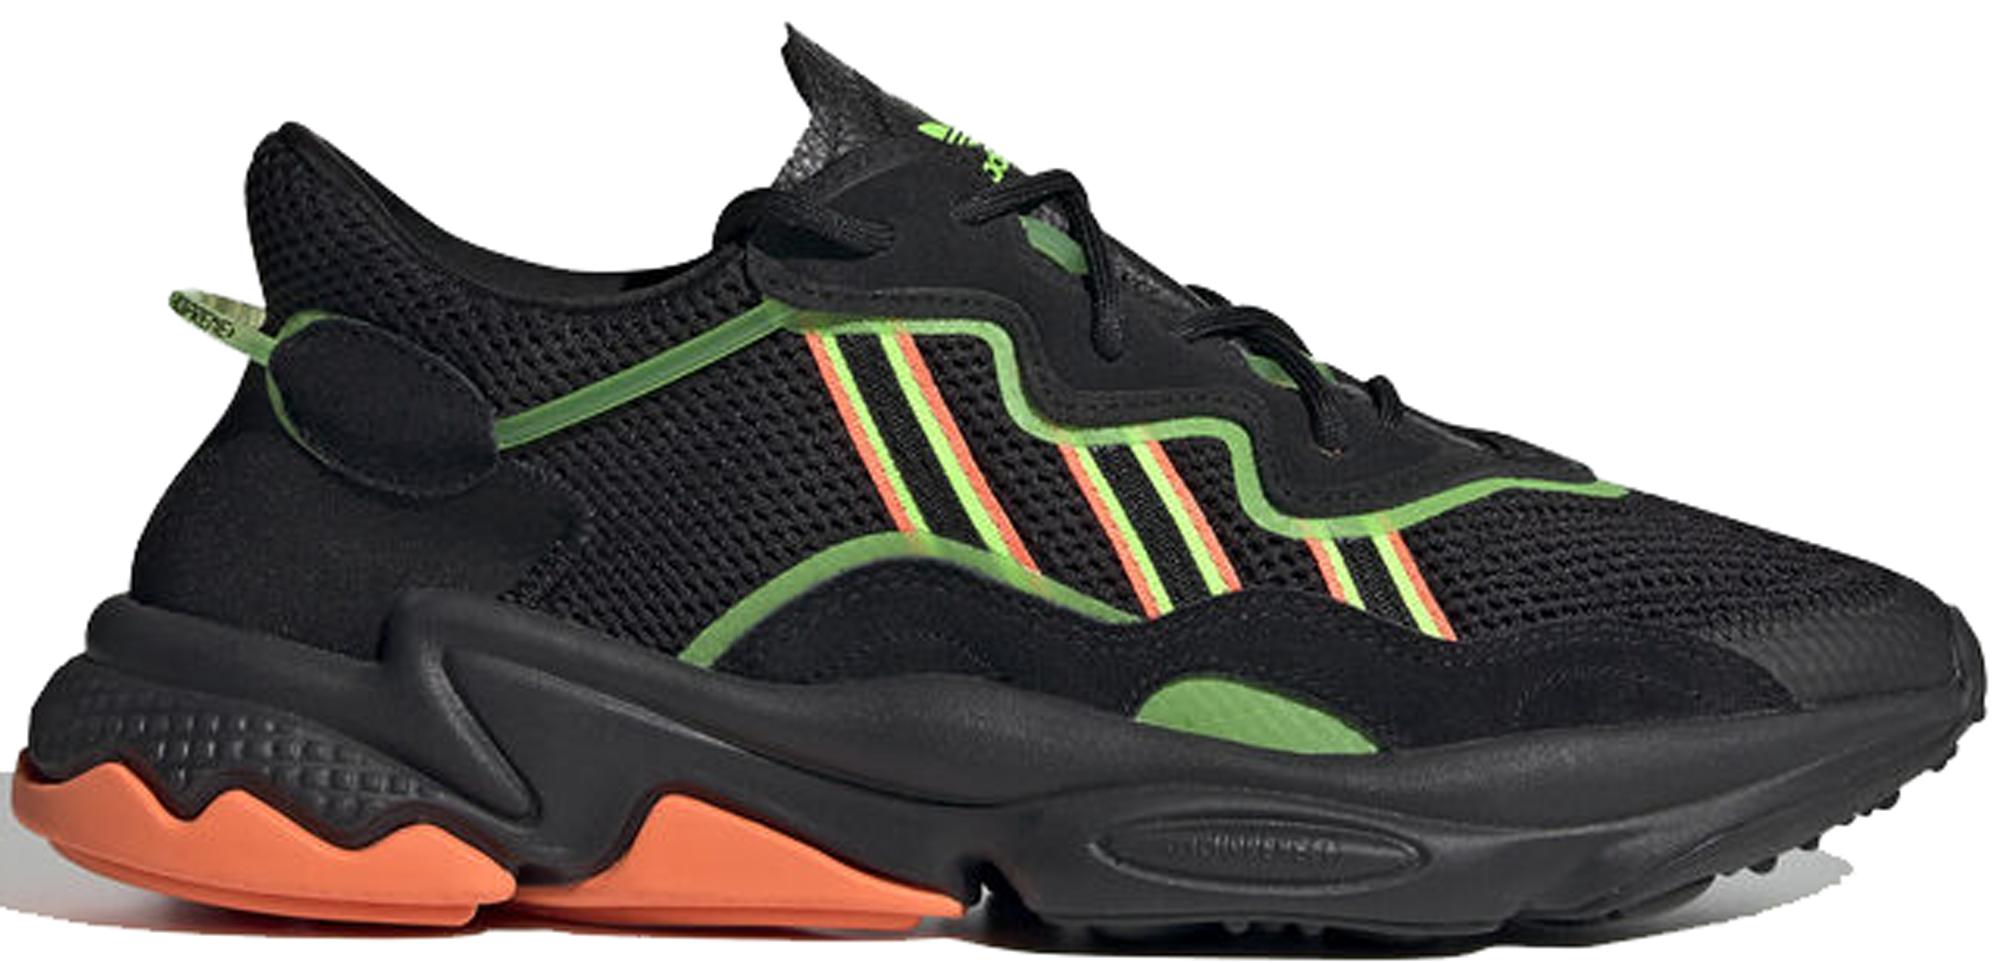 adidas Ozweego Black Orange Green - EE5696